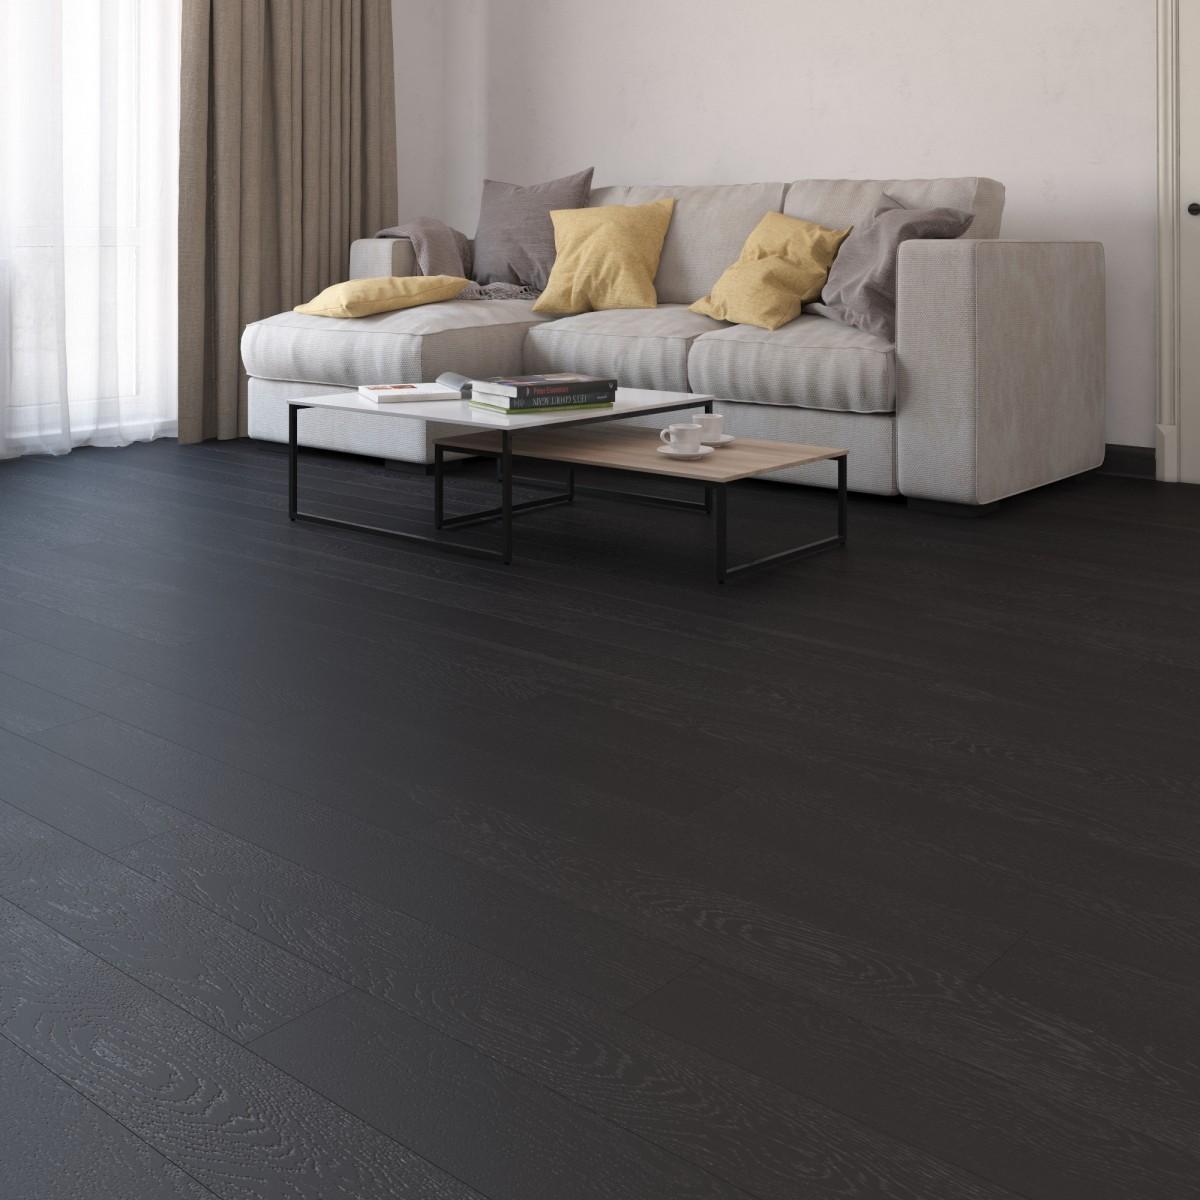 Ламинат Дуб чёрный угольный 32 класс толщина 8 мм с фаской 1.777 м²